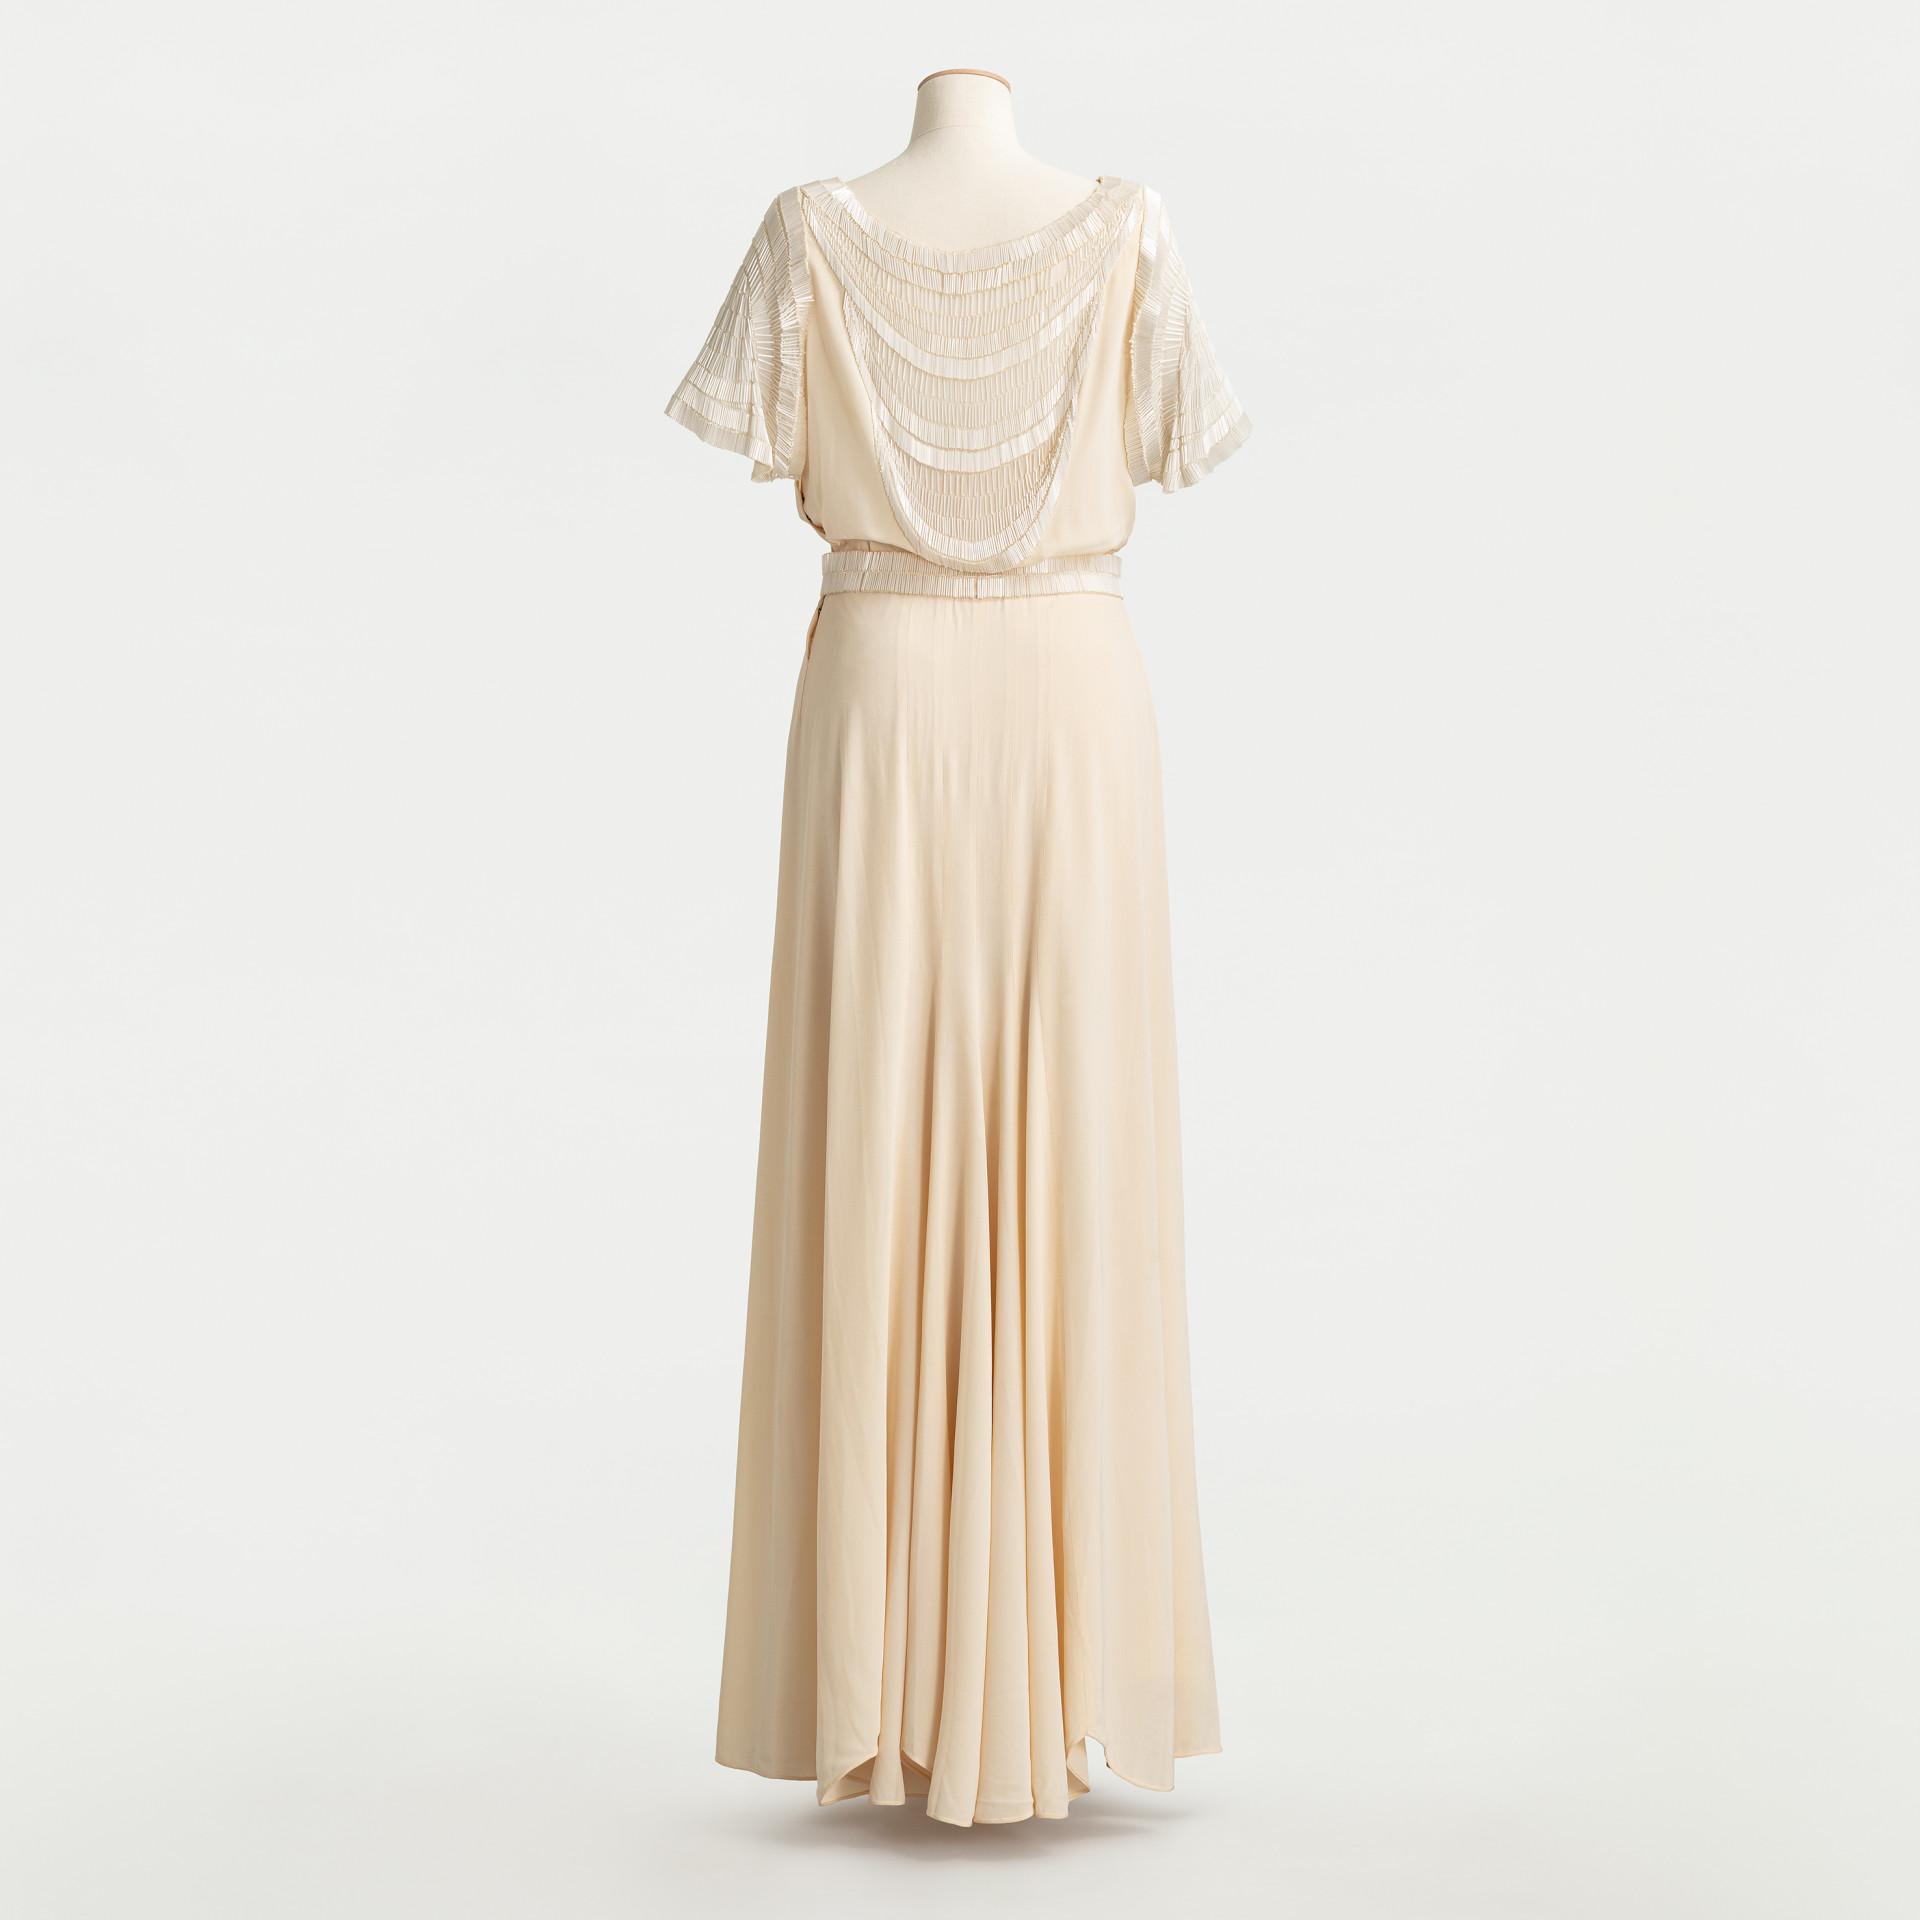 Vit klänning på provdocka